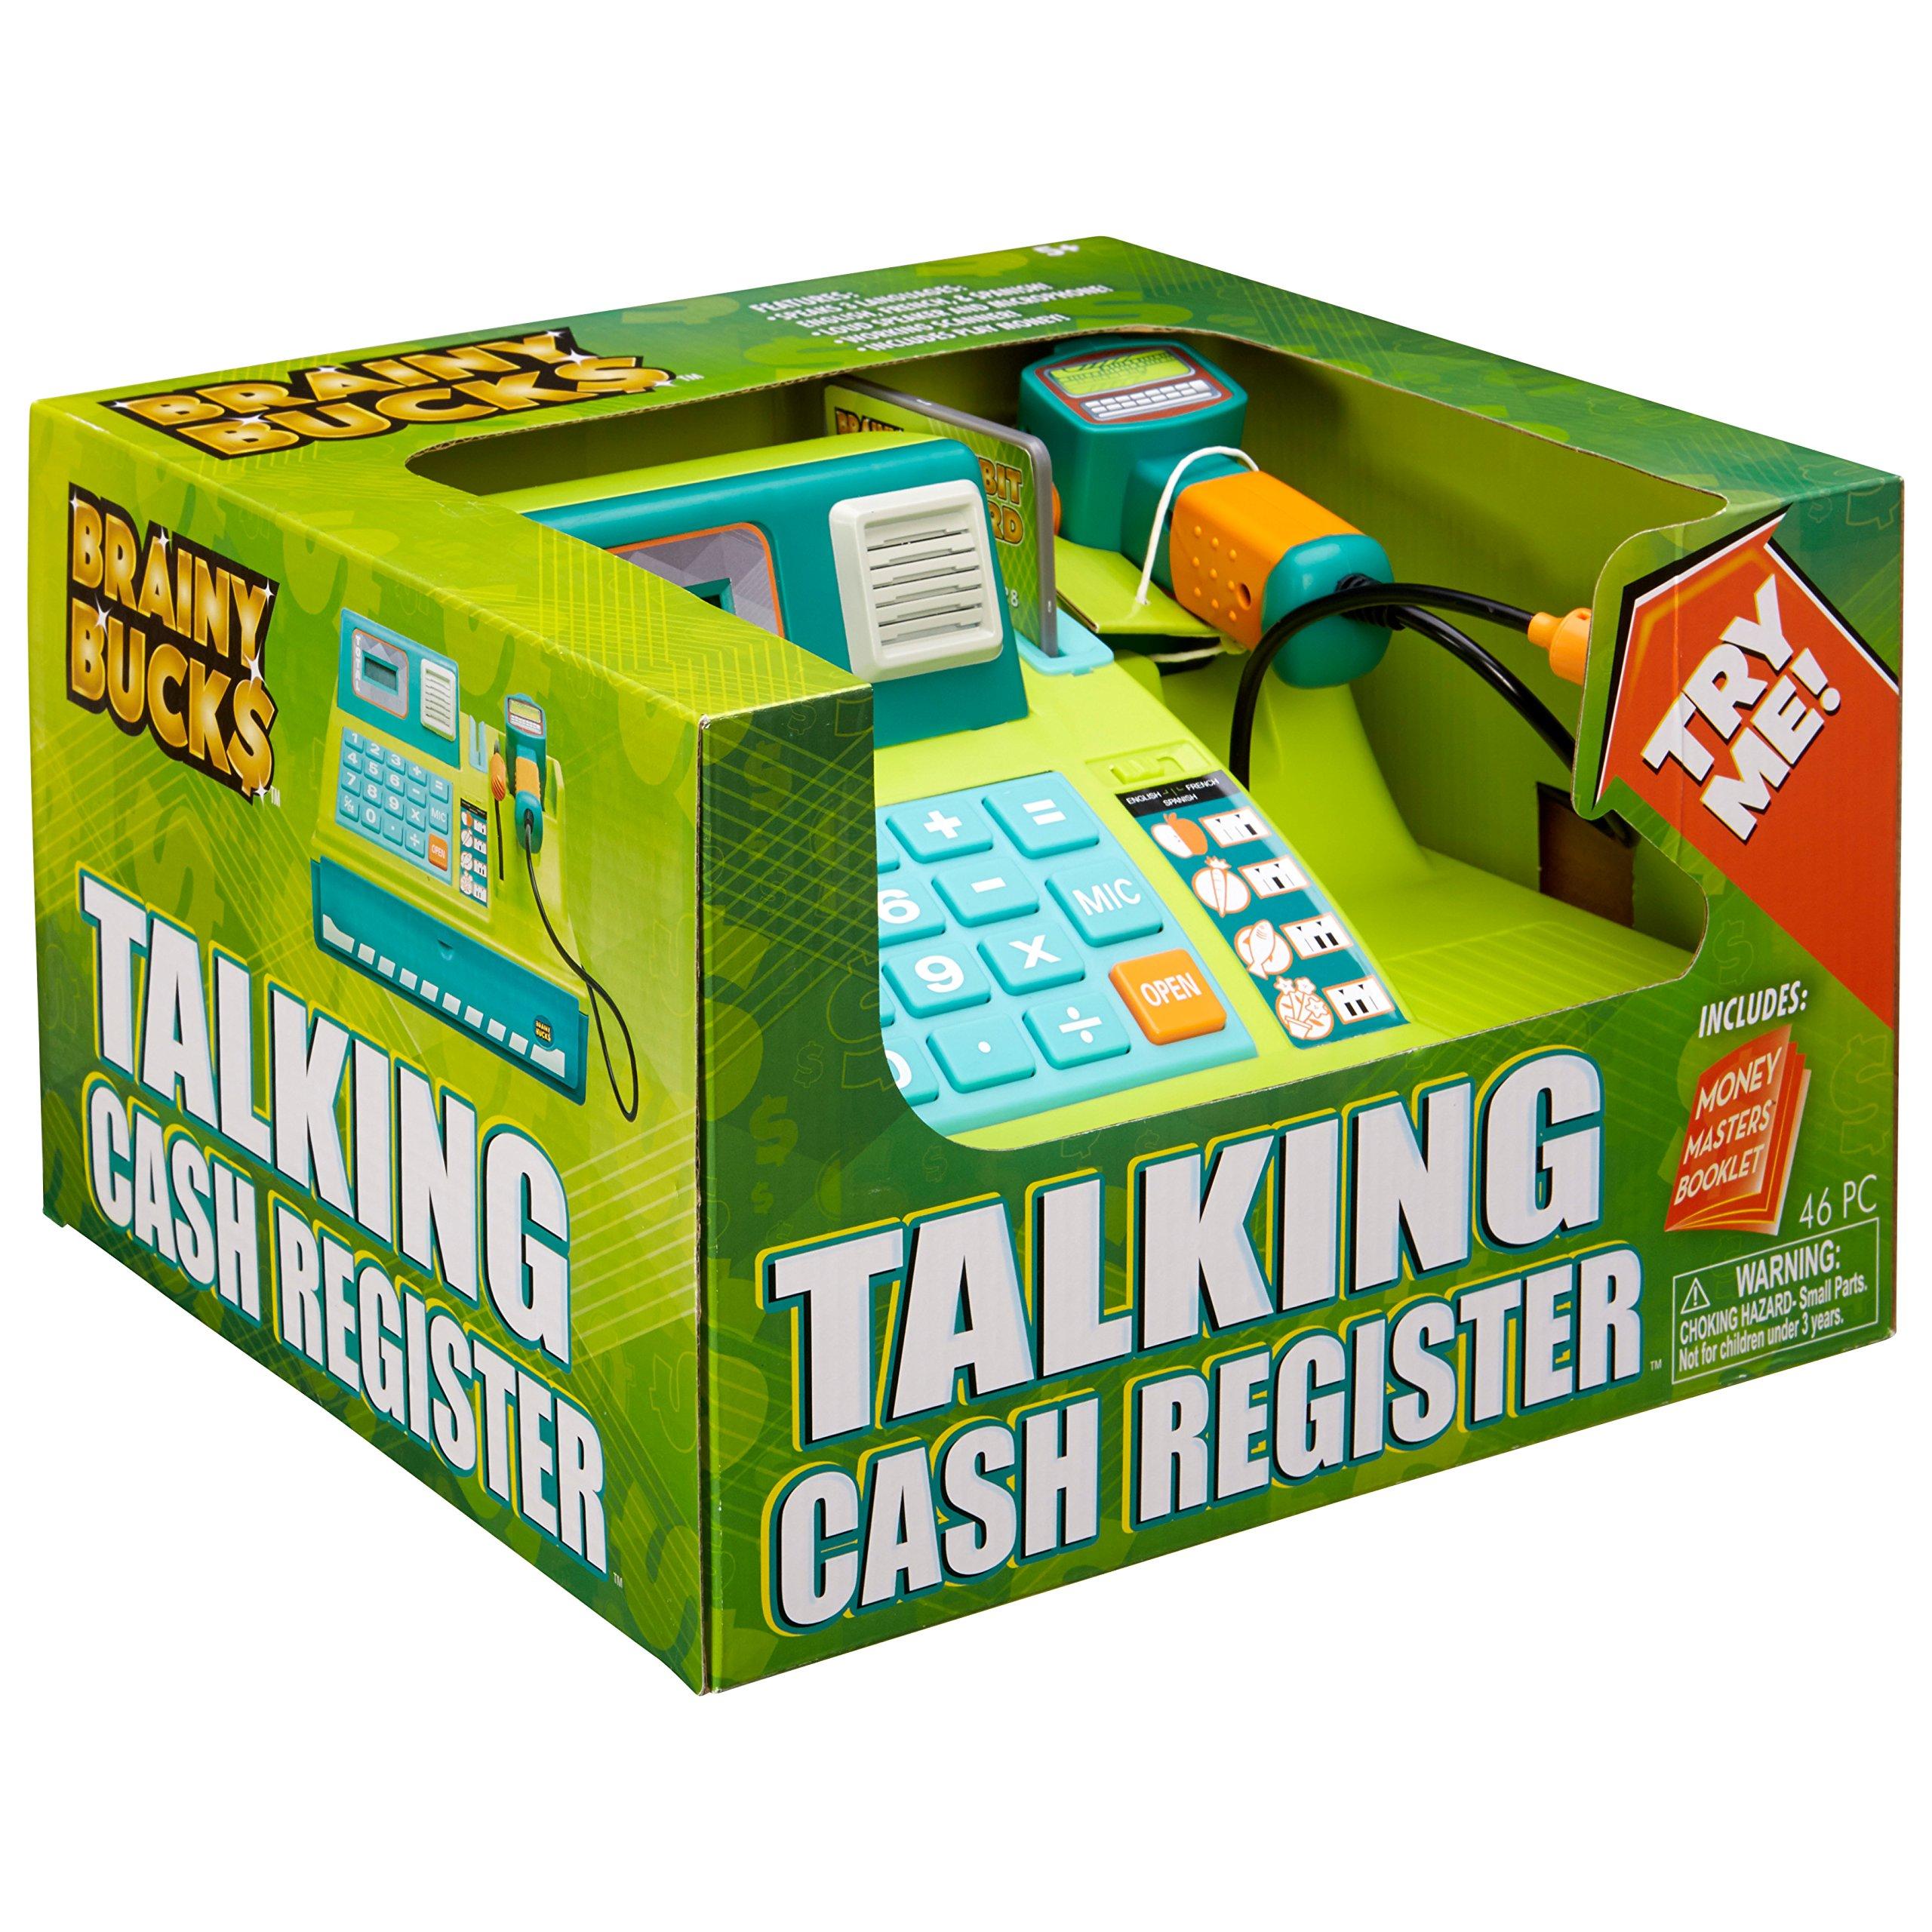 Brainy Bucks Talking Cash Register Toy by Brainy Bucks